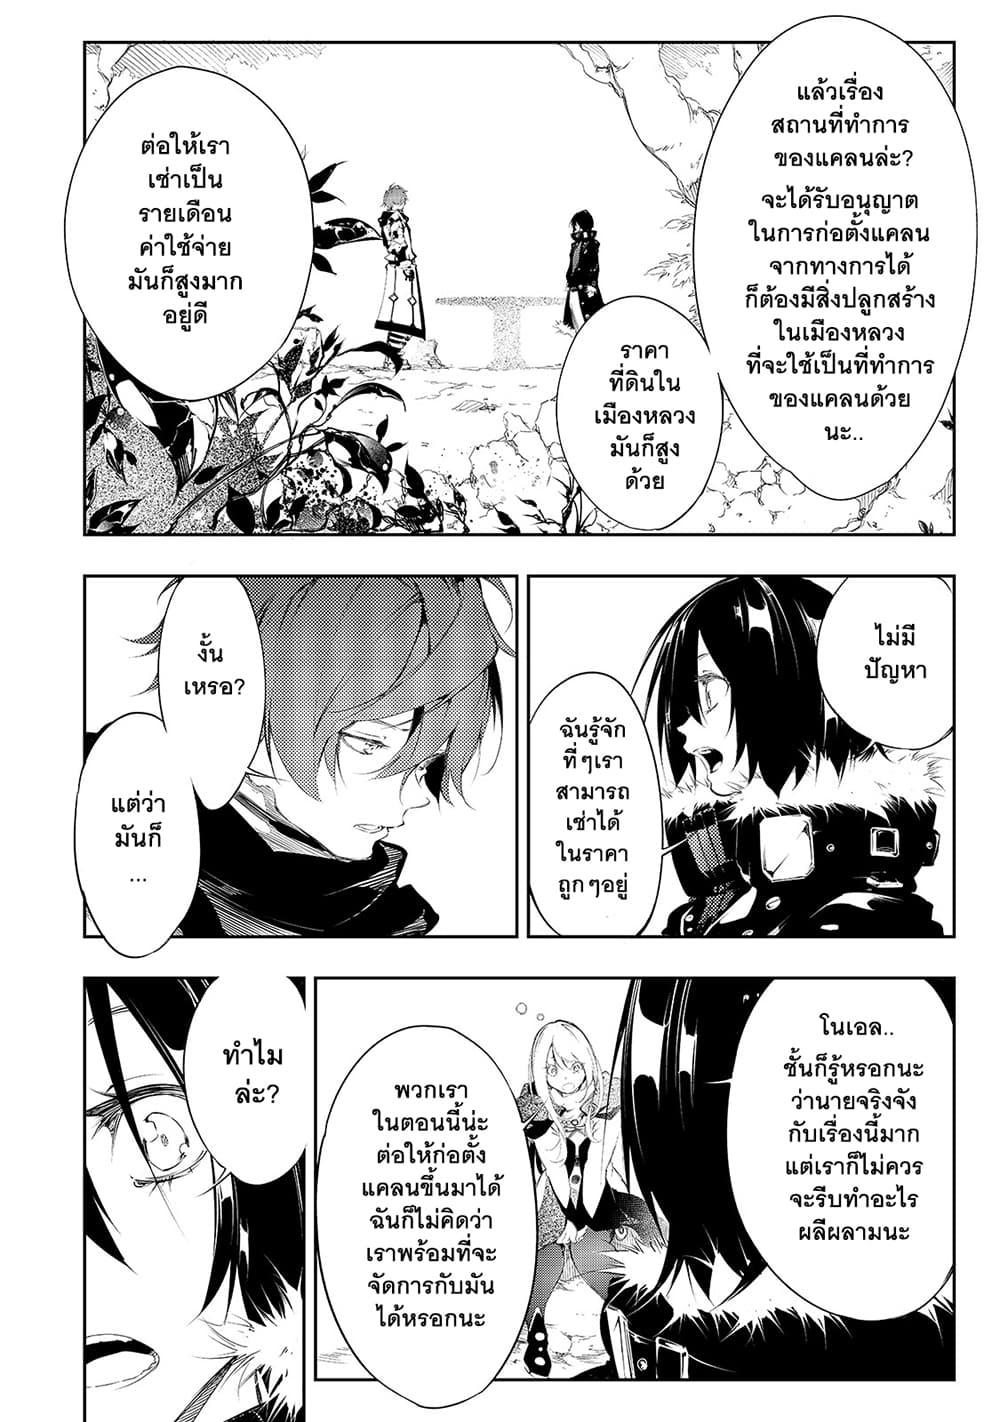 อ่านการ์ตูน Saikyou no Shien-shoku Wajutsushi Dearu Ore wa Sekai Saikyou Kuran o Shitagaeru ตอนที่ 4 หน้าที่ 6